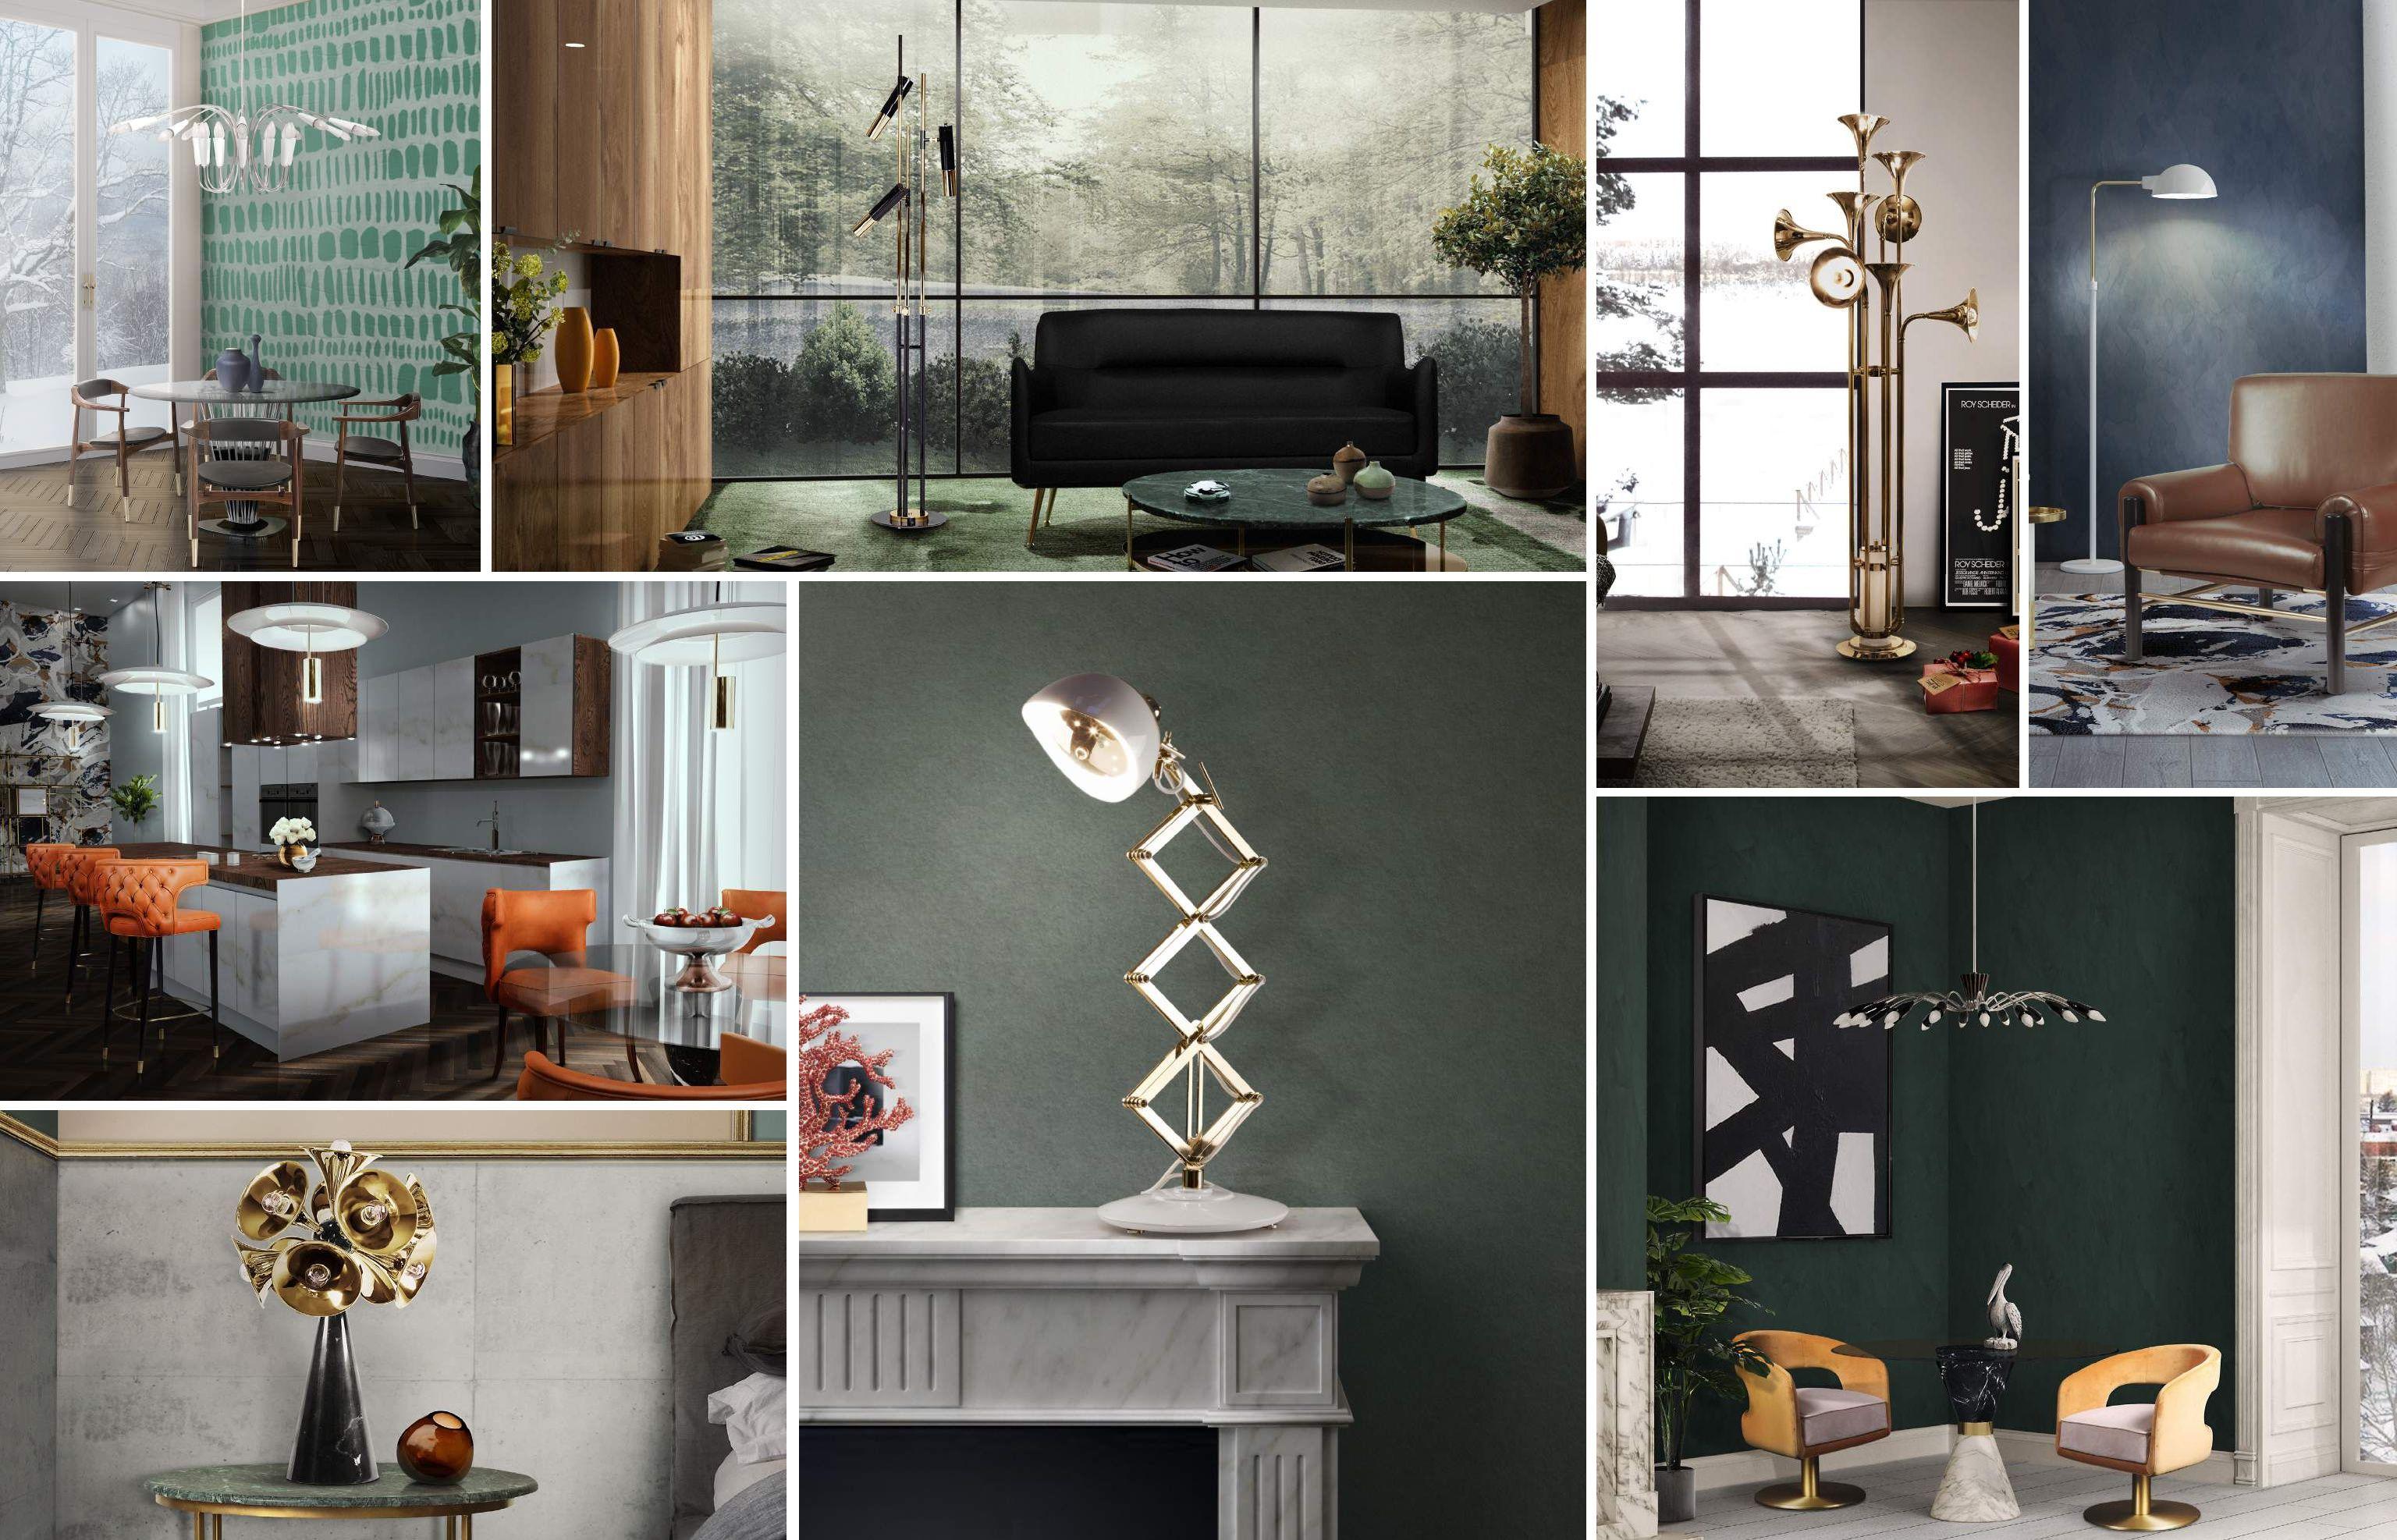 Si vous cherchez de nouvelles idées pour renouveler vos chambres en hiver, DELIGHTFULL a l'ebook parfait pour vous! Ici vous pouvez trouver les meilleures inspirations, comme Ike, qui se caractérise par la composition rythmique de ses éléments, ou Norah, avec ses formes délicates et courbes, pour que vous puissiez créer votre design minimaliste pour rester confortable pendant l'hiver.